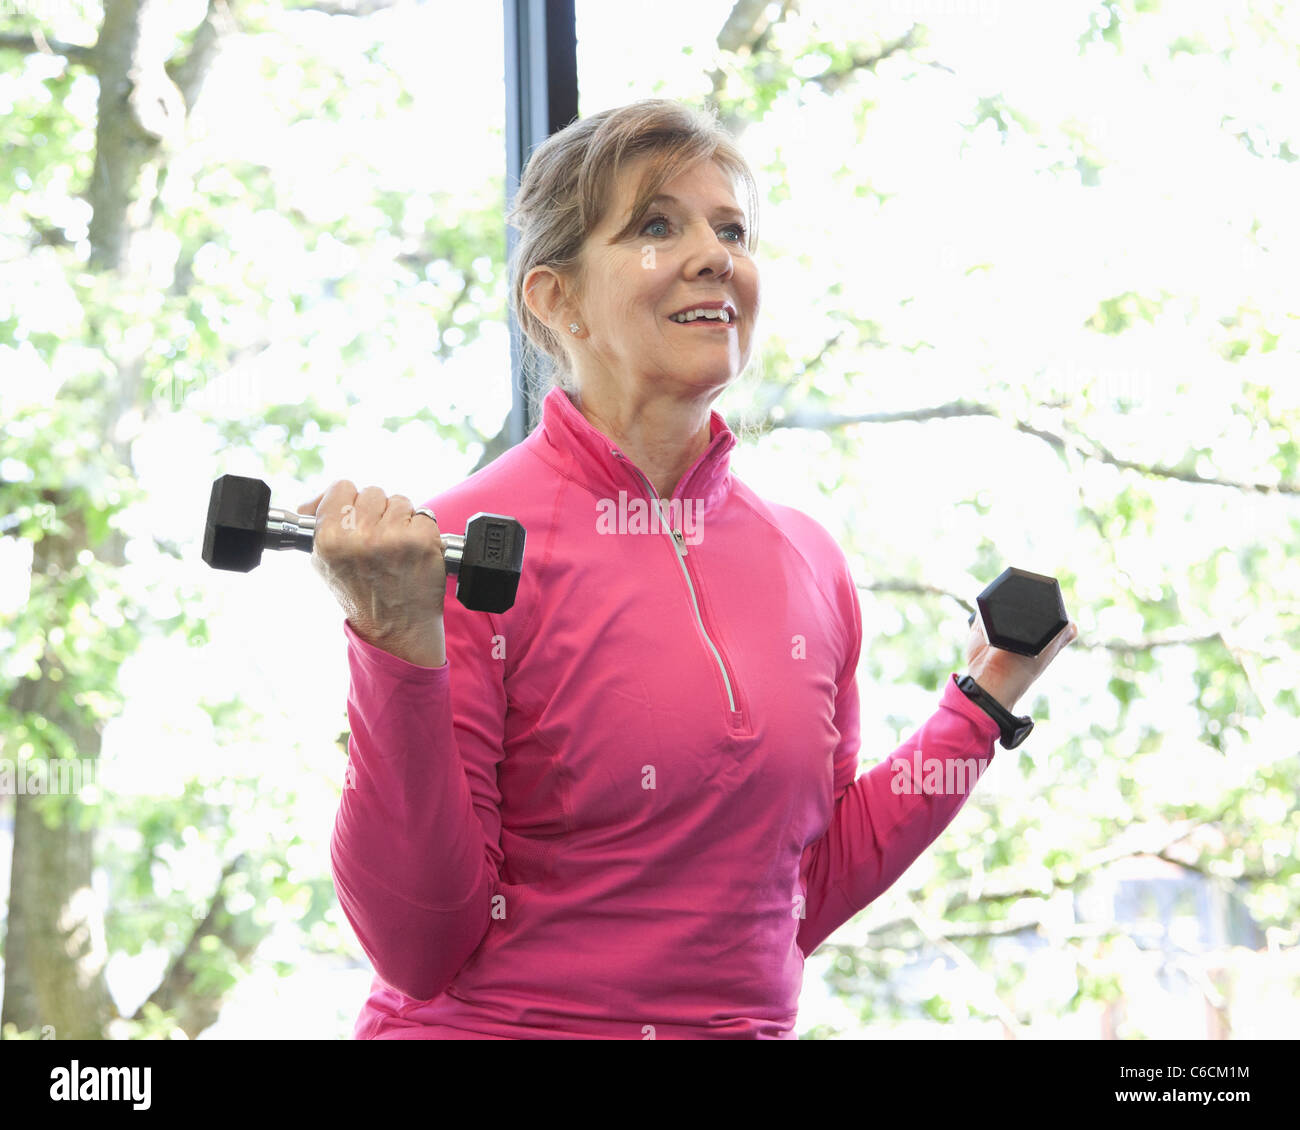 Mujer levantamiento de pesas en el club de salud Foto de stock